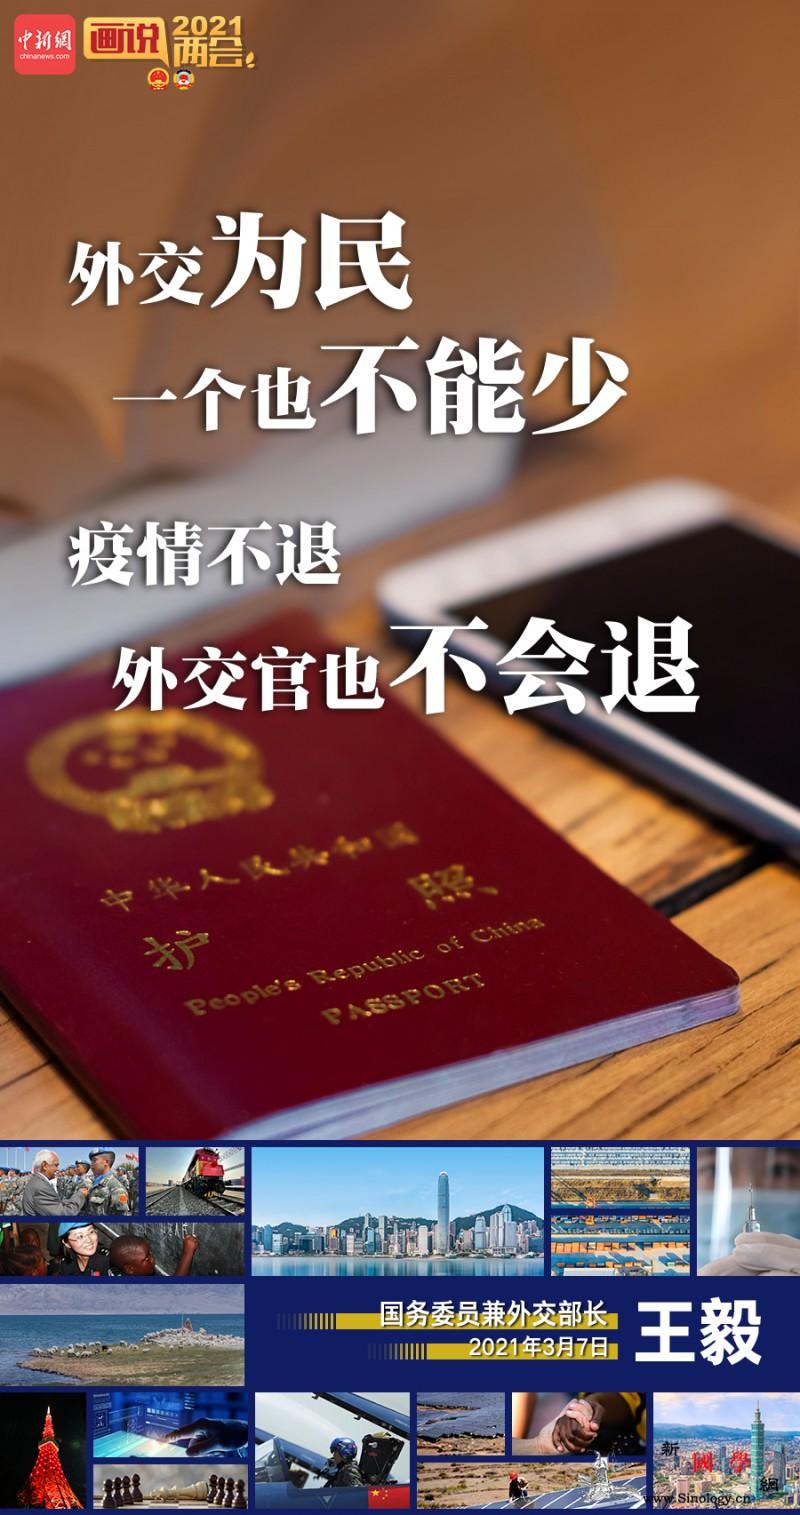 帮助海外中国公民抗击疫情王毅给出三个_接种-领事-疫苗-